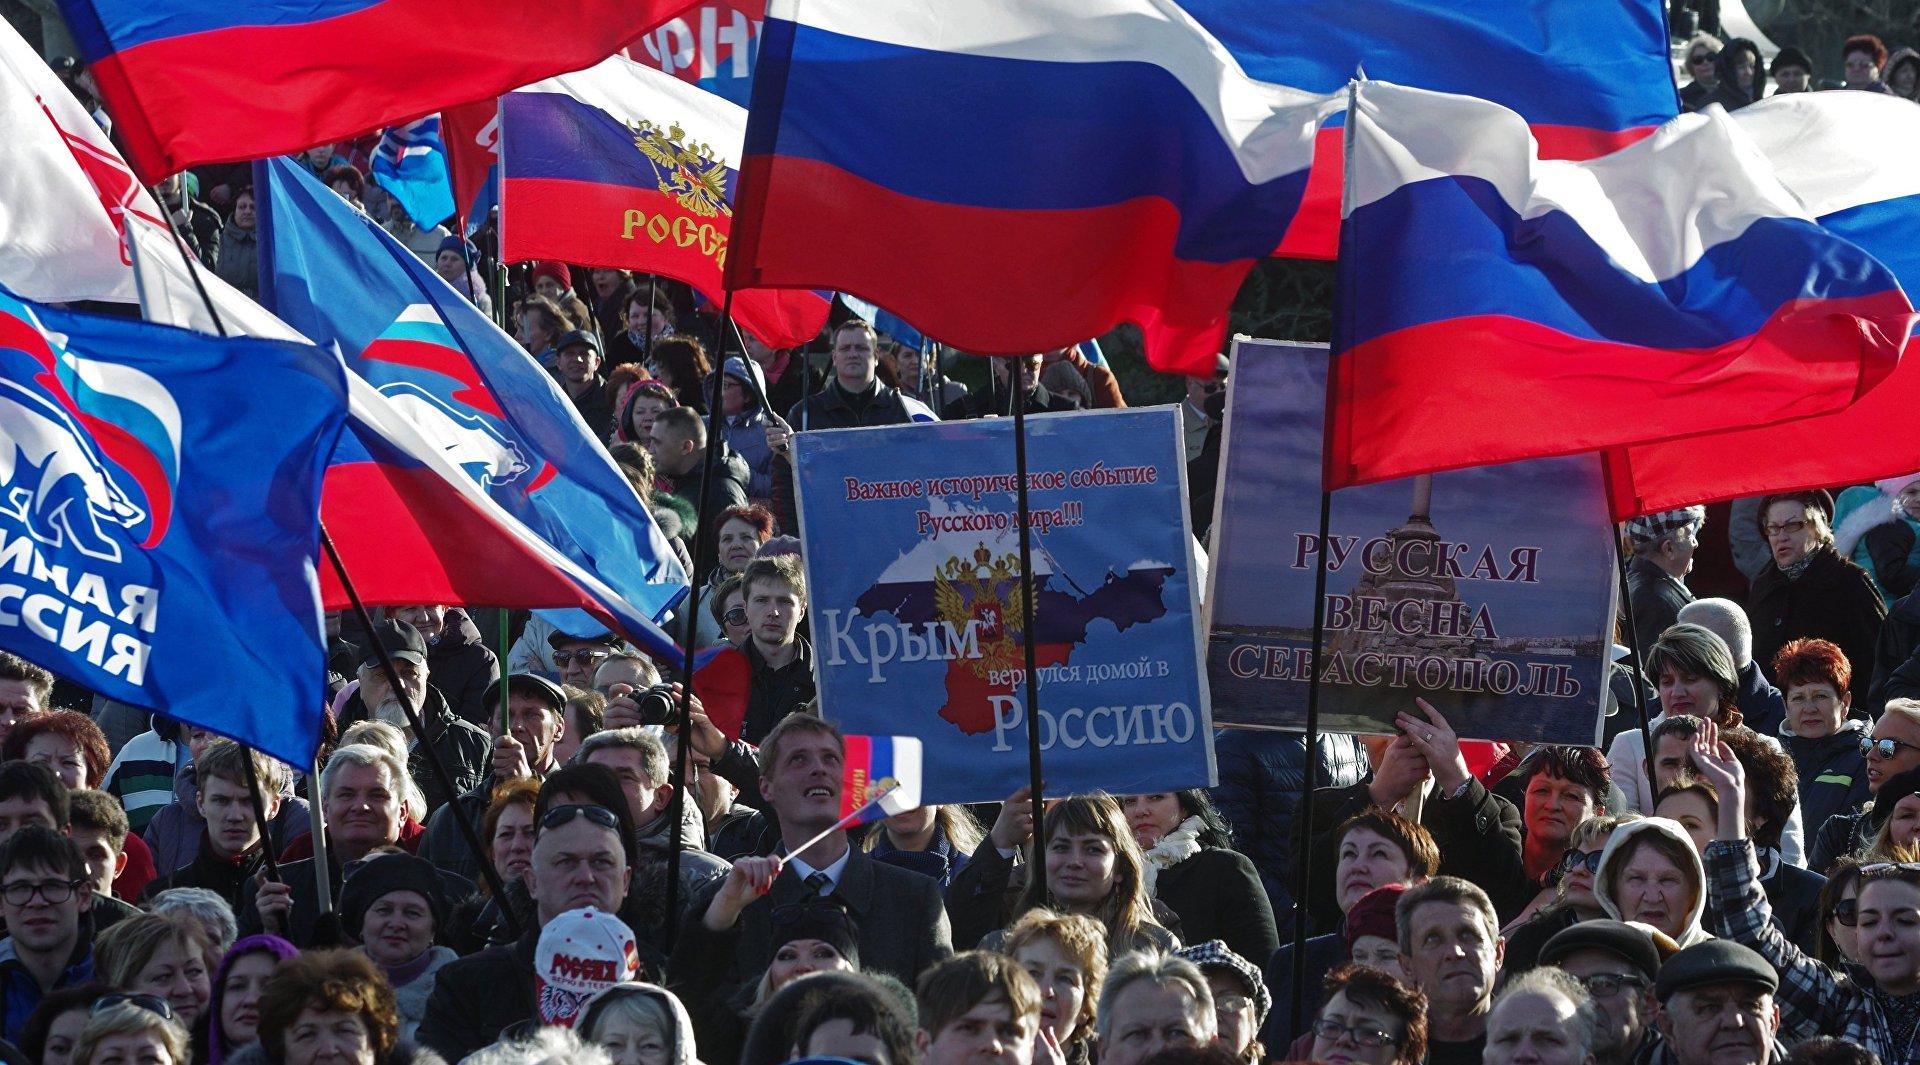 http://ukraina.ru/images/101344/81/1013448146.jpg